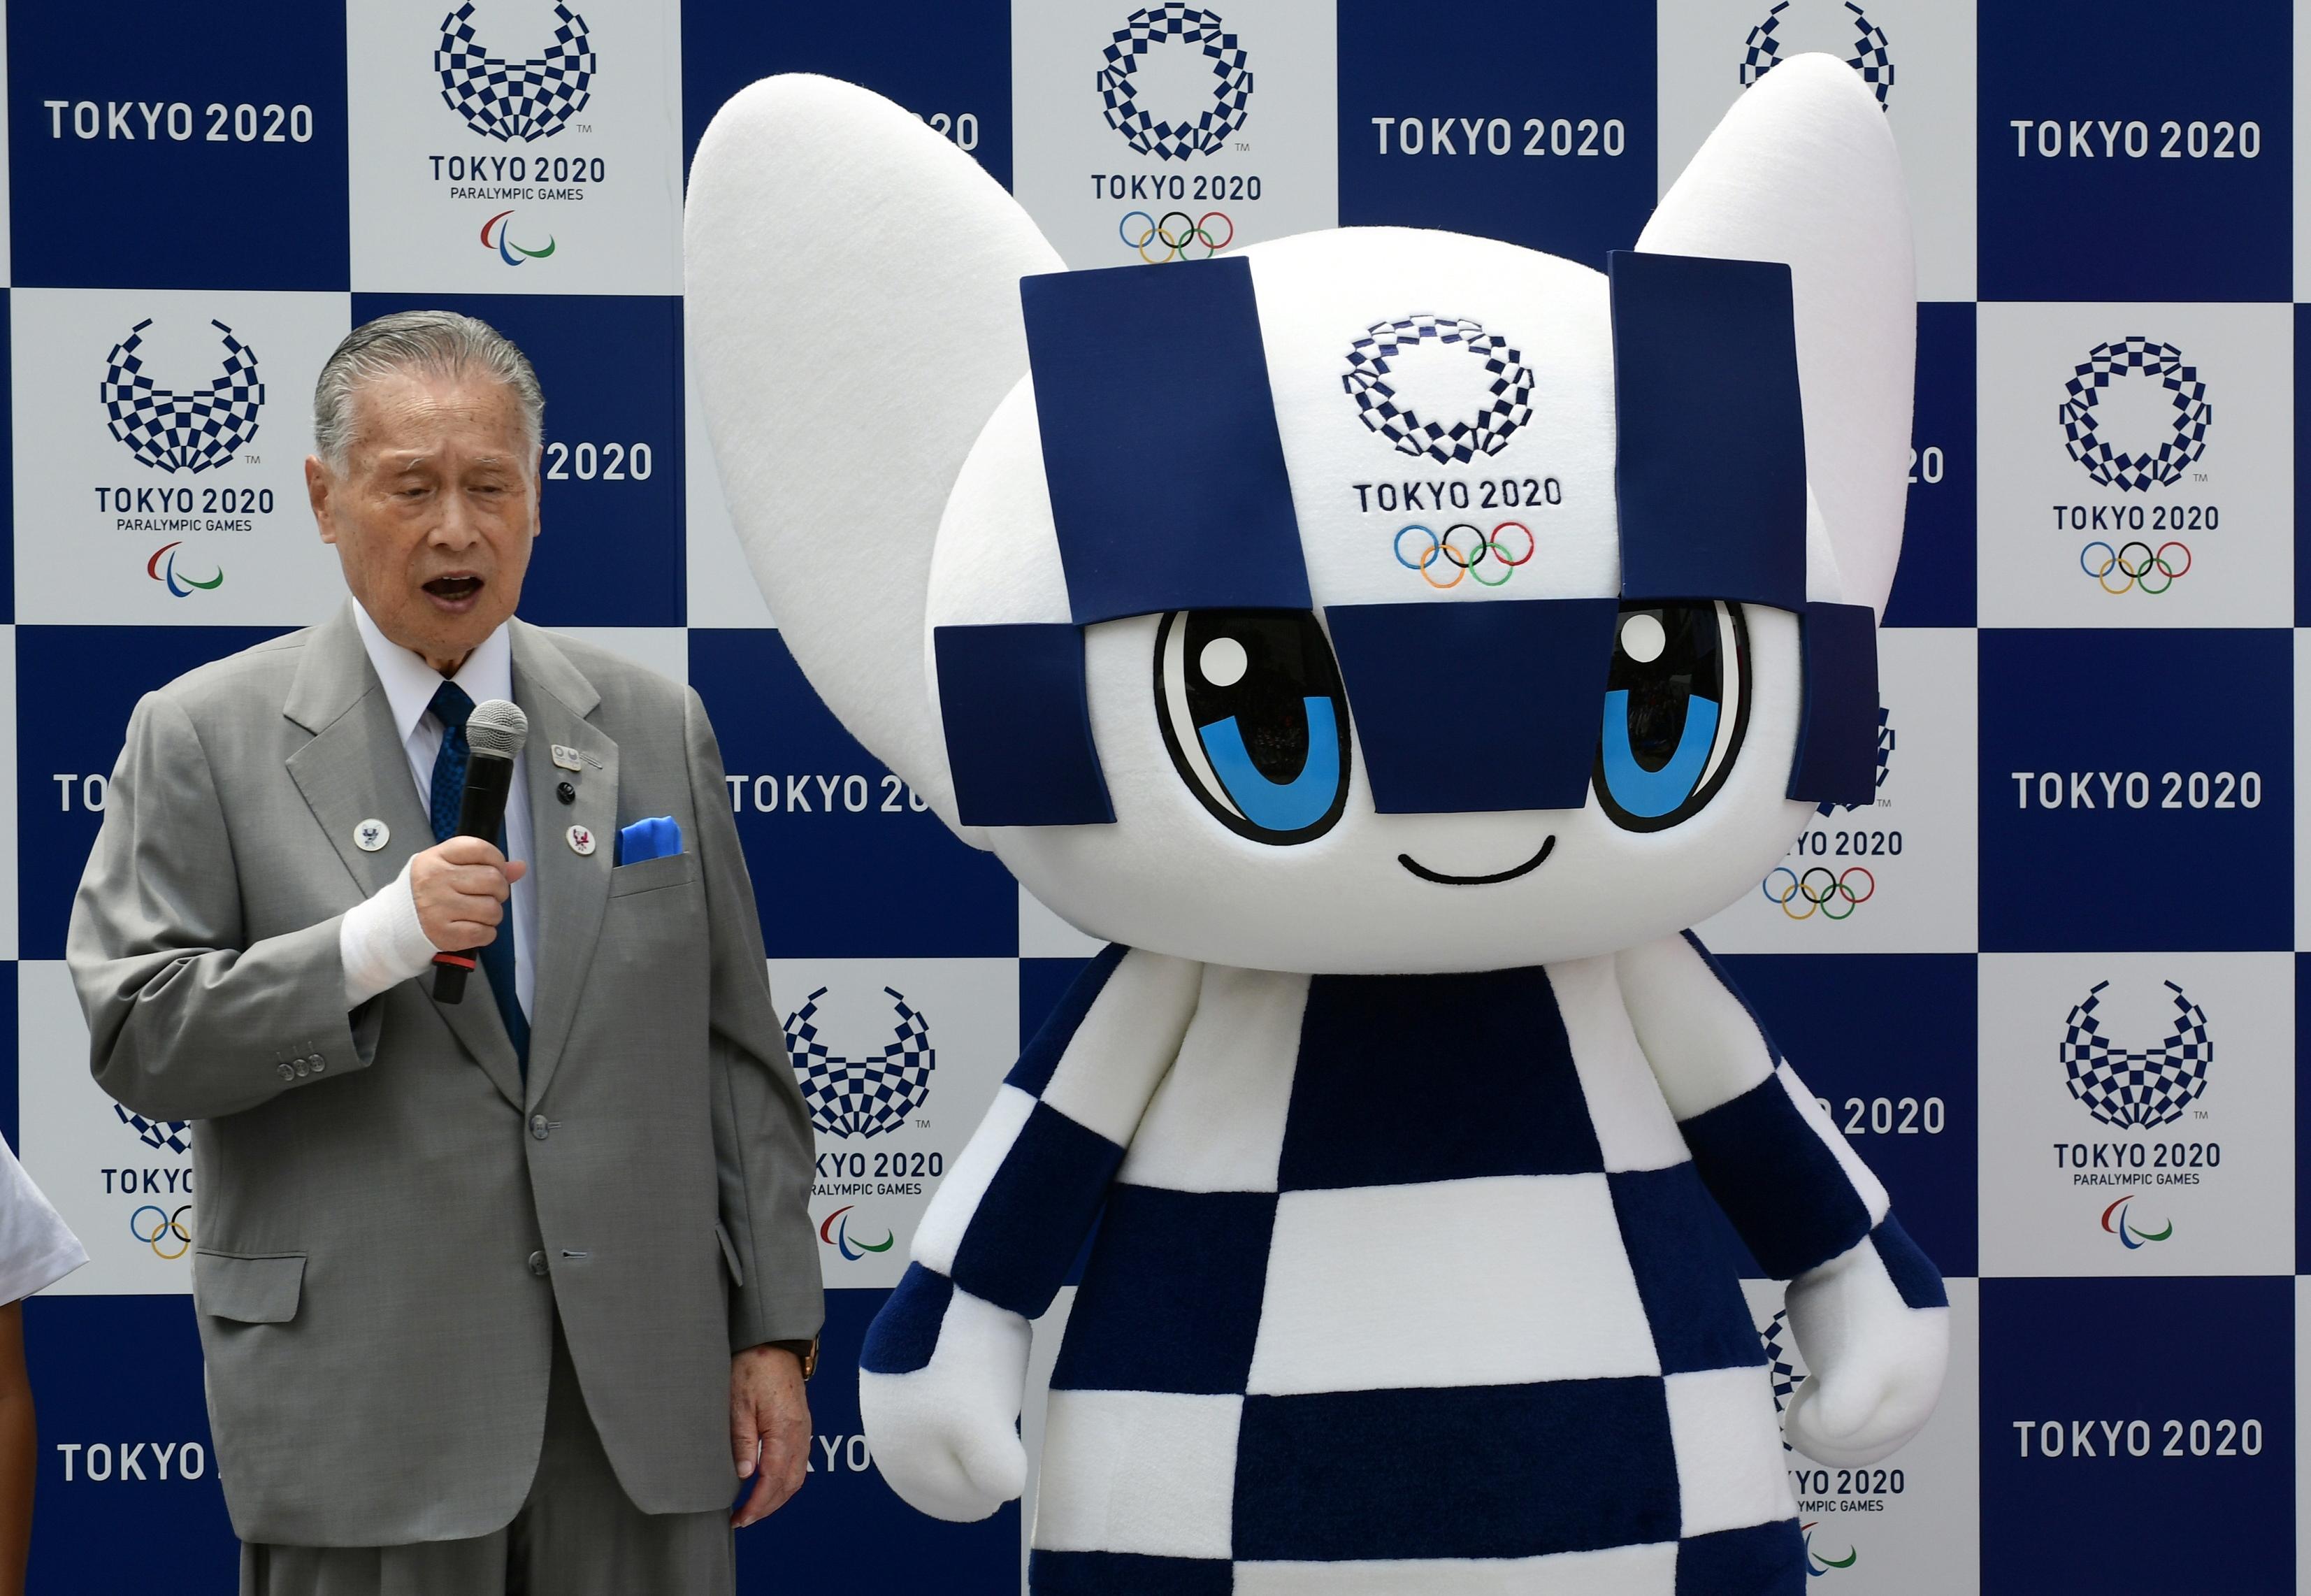 Az olimpia szervezőbizottságának elnöke nem akart senkit megsérteni, amikor azt mondta, bosszantja, ha az értékezleteken túl sokat beszélnek a nők